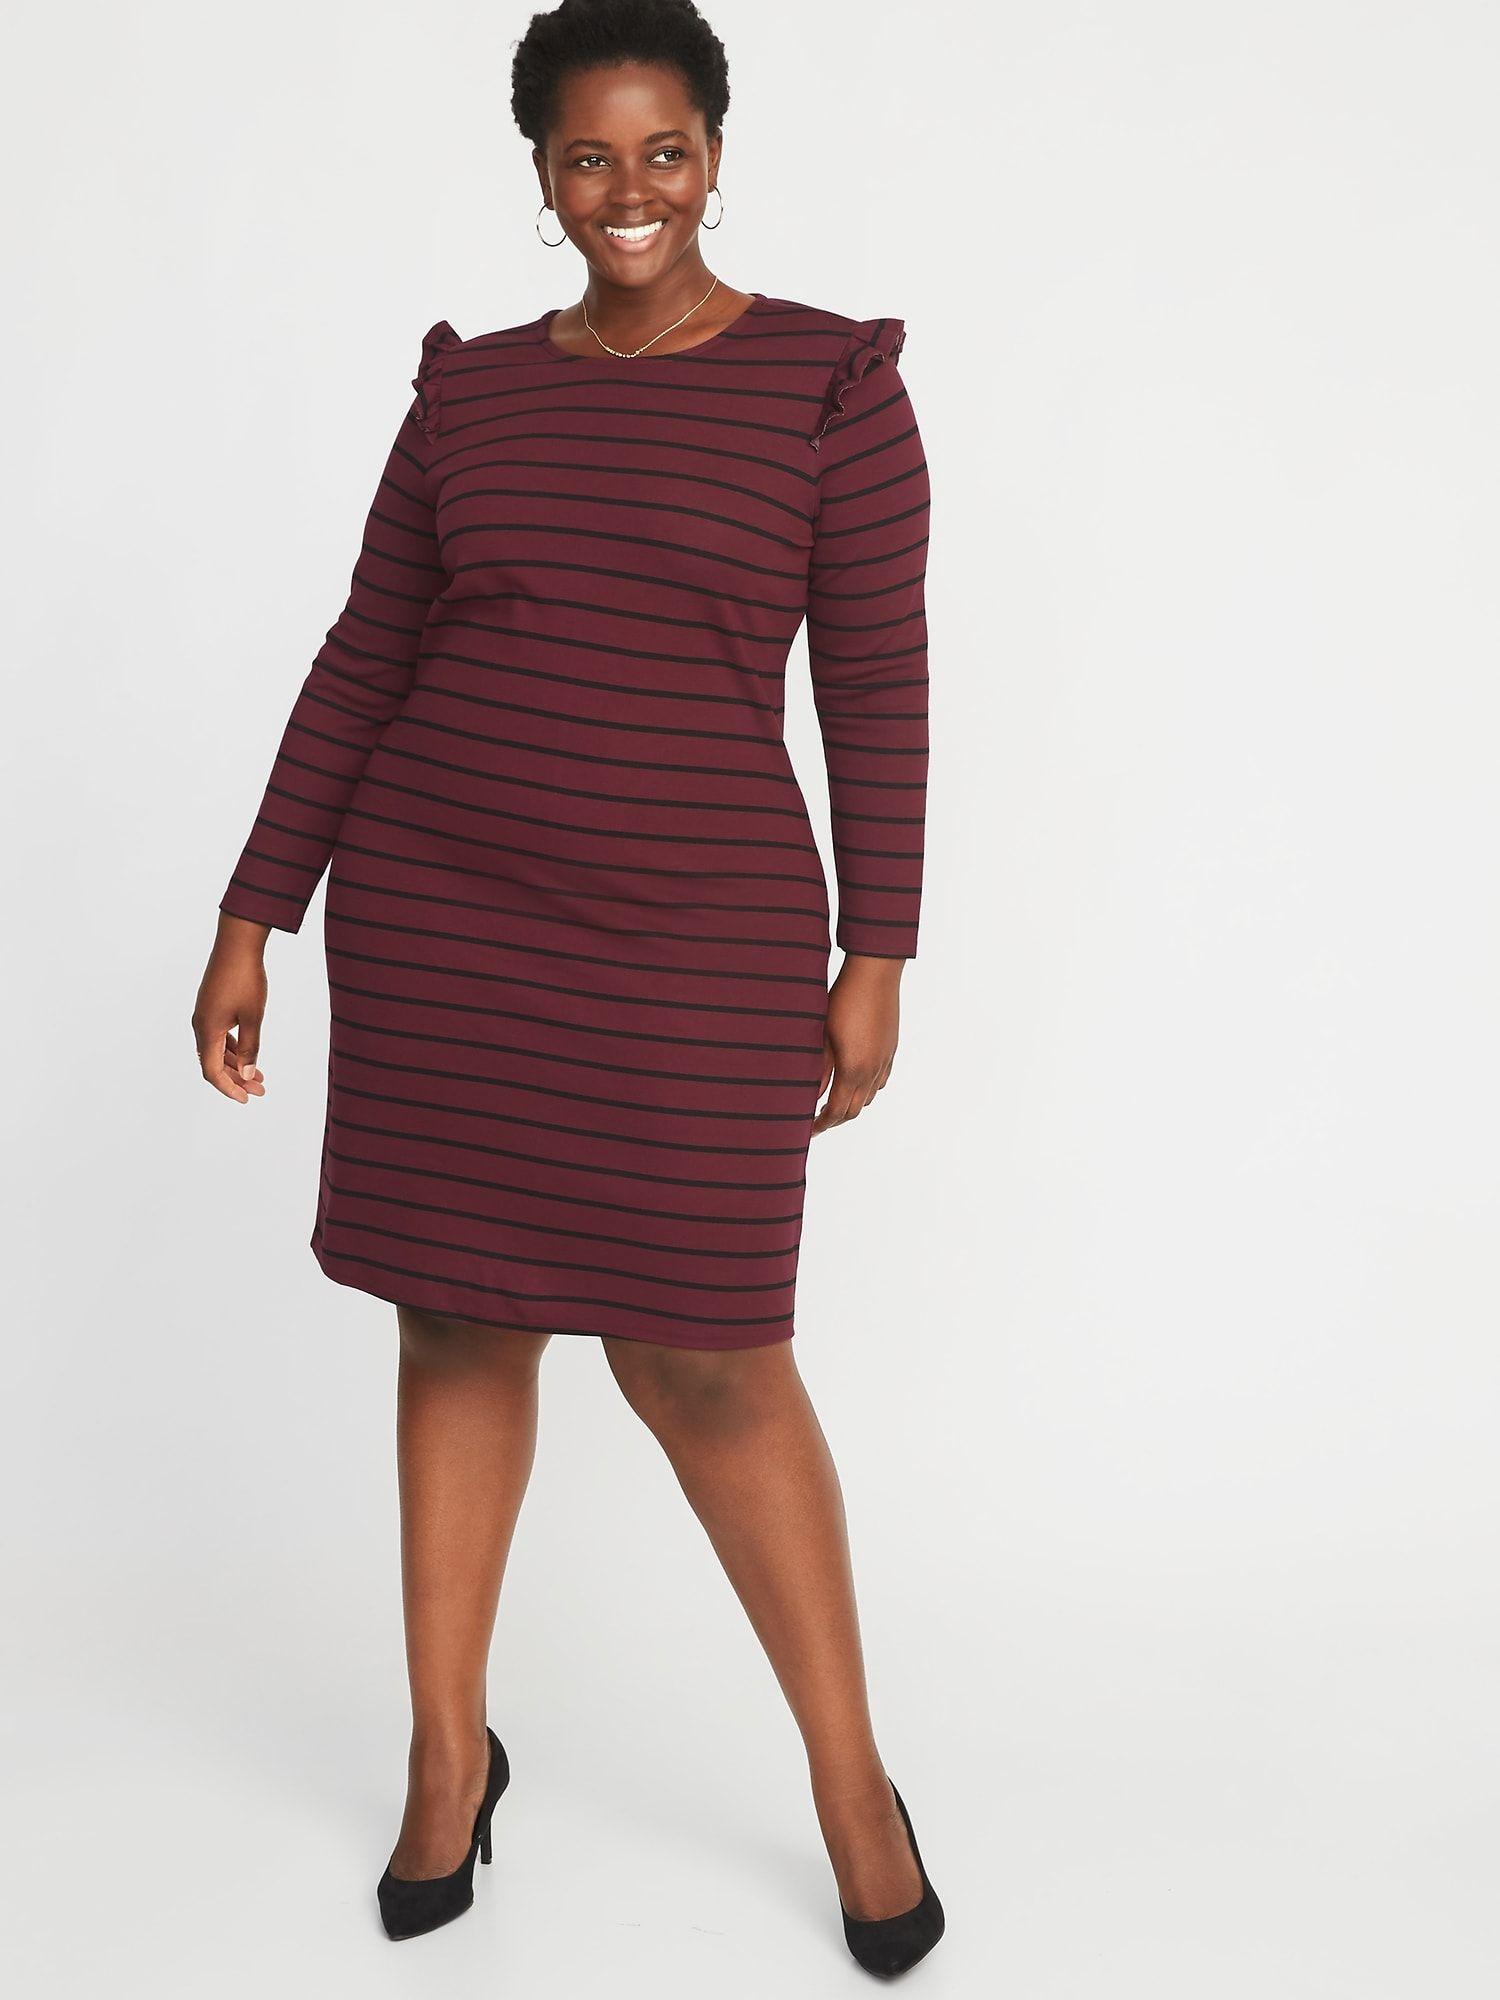 Plus-Size Ruffle-Trim Ponte-Knit Shift Dress | Clothes | Dresses ...